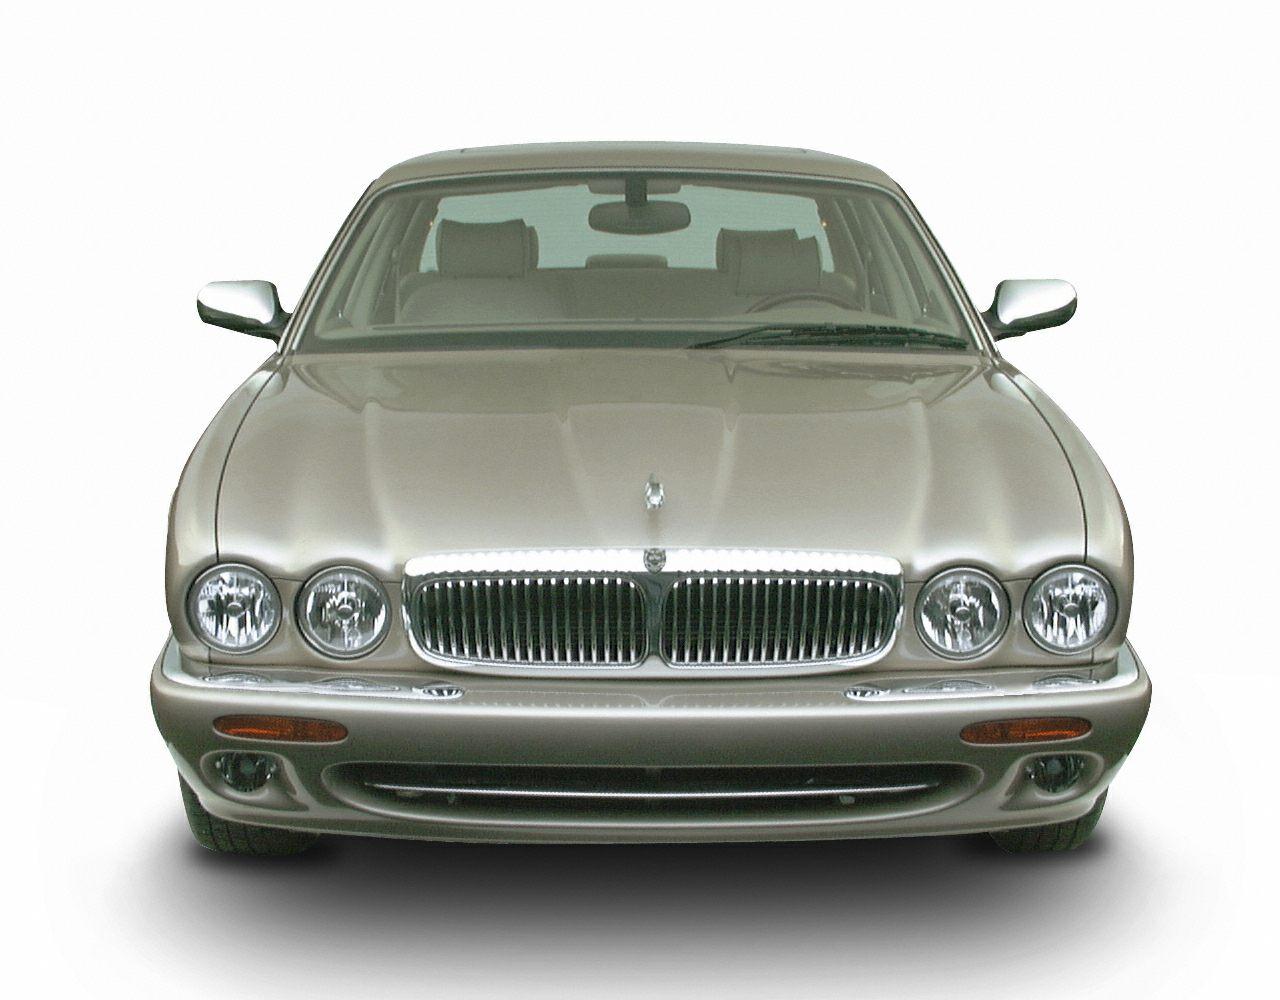 2000 jaguar xj8 vanden plas 4dr sedan pictures. Black Bedroom Furniture Sets. Home Design Ideas